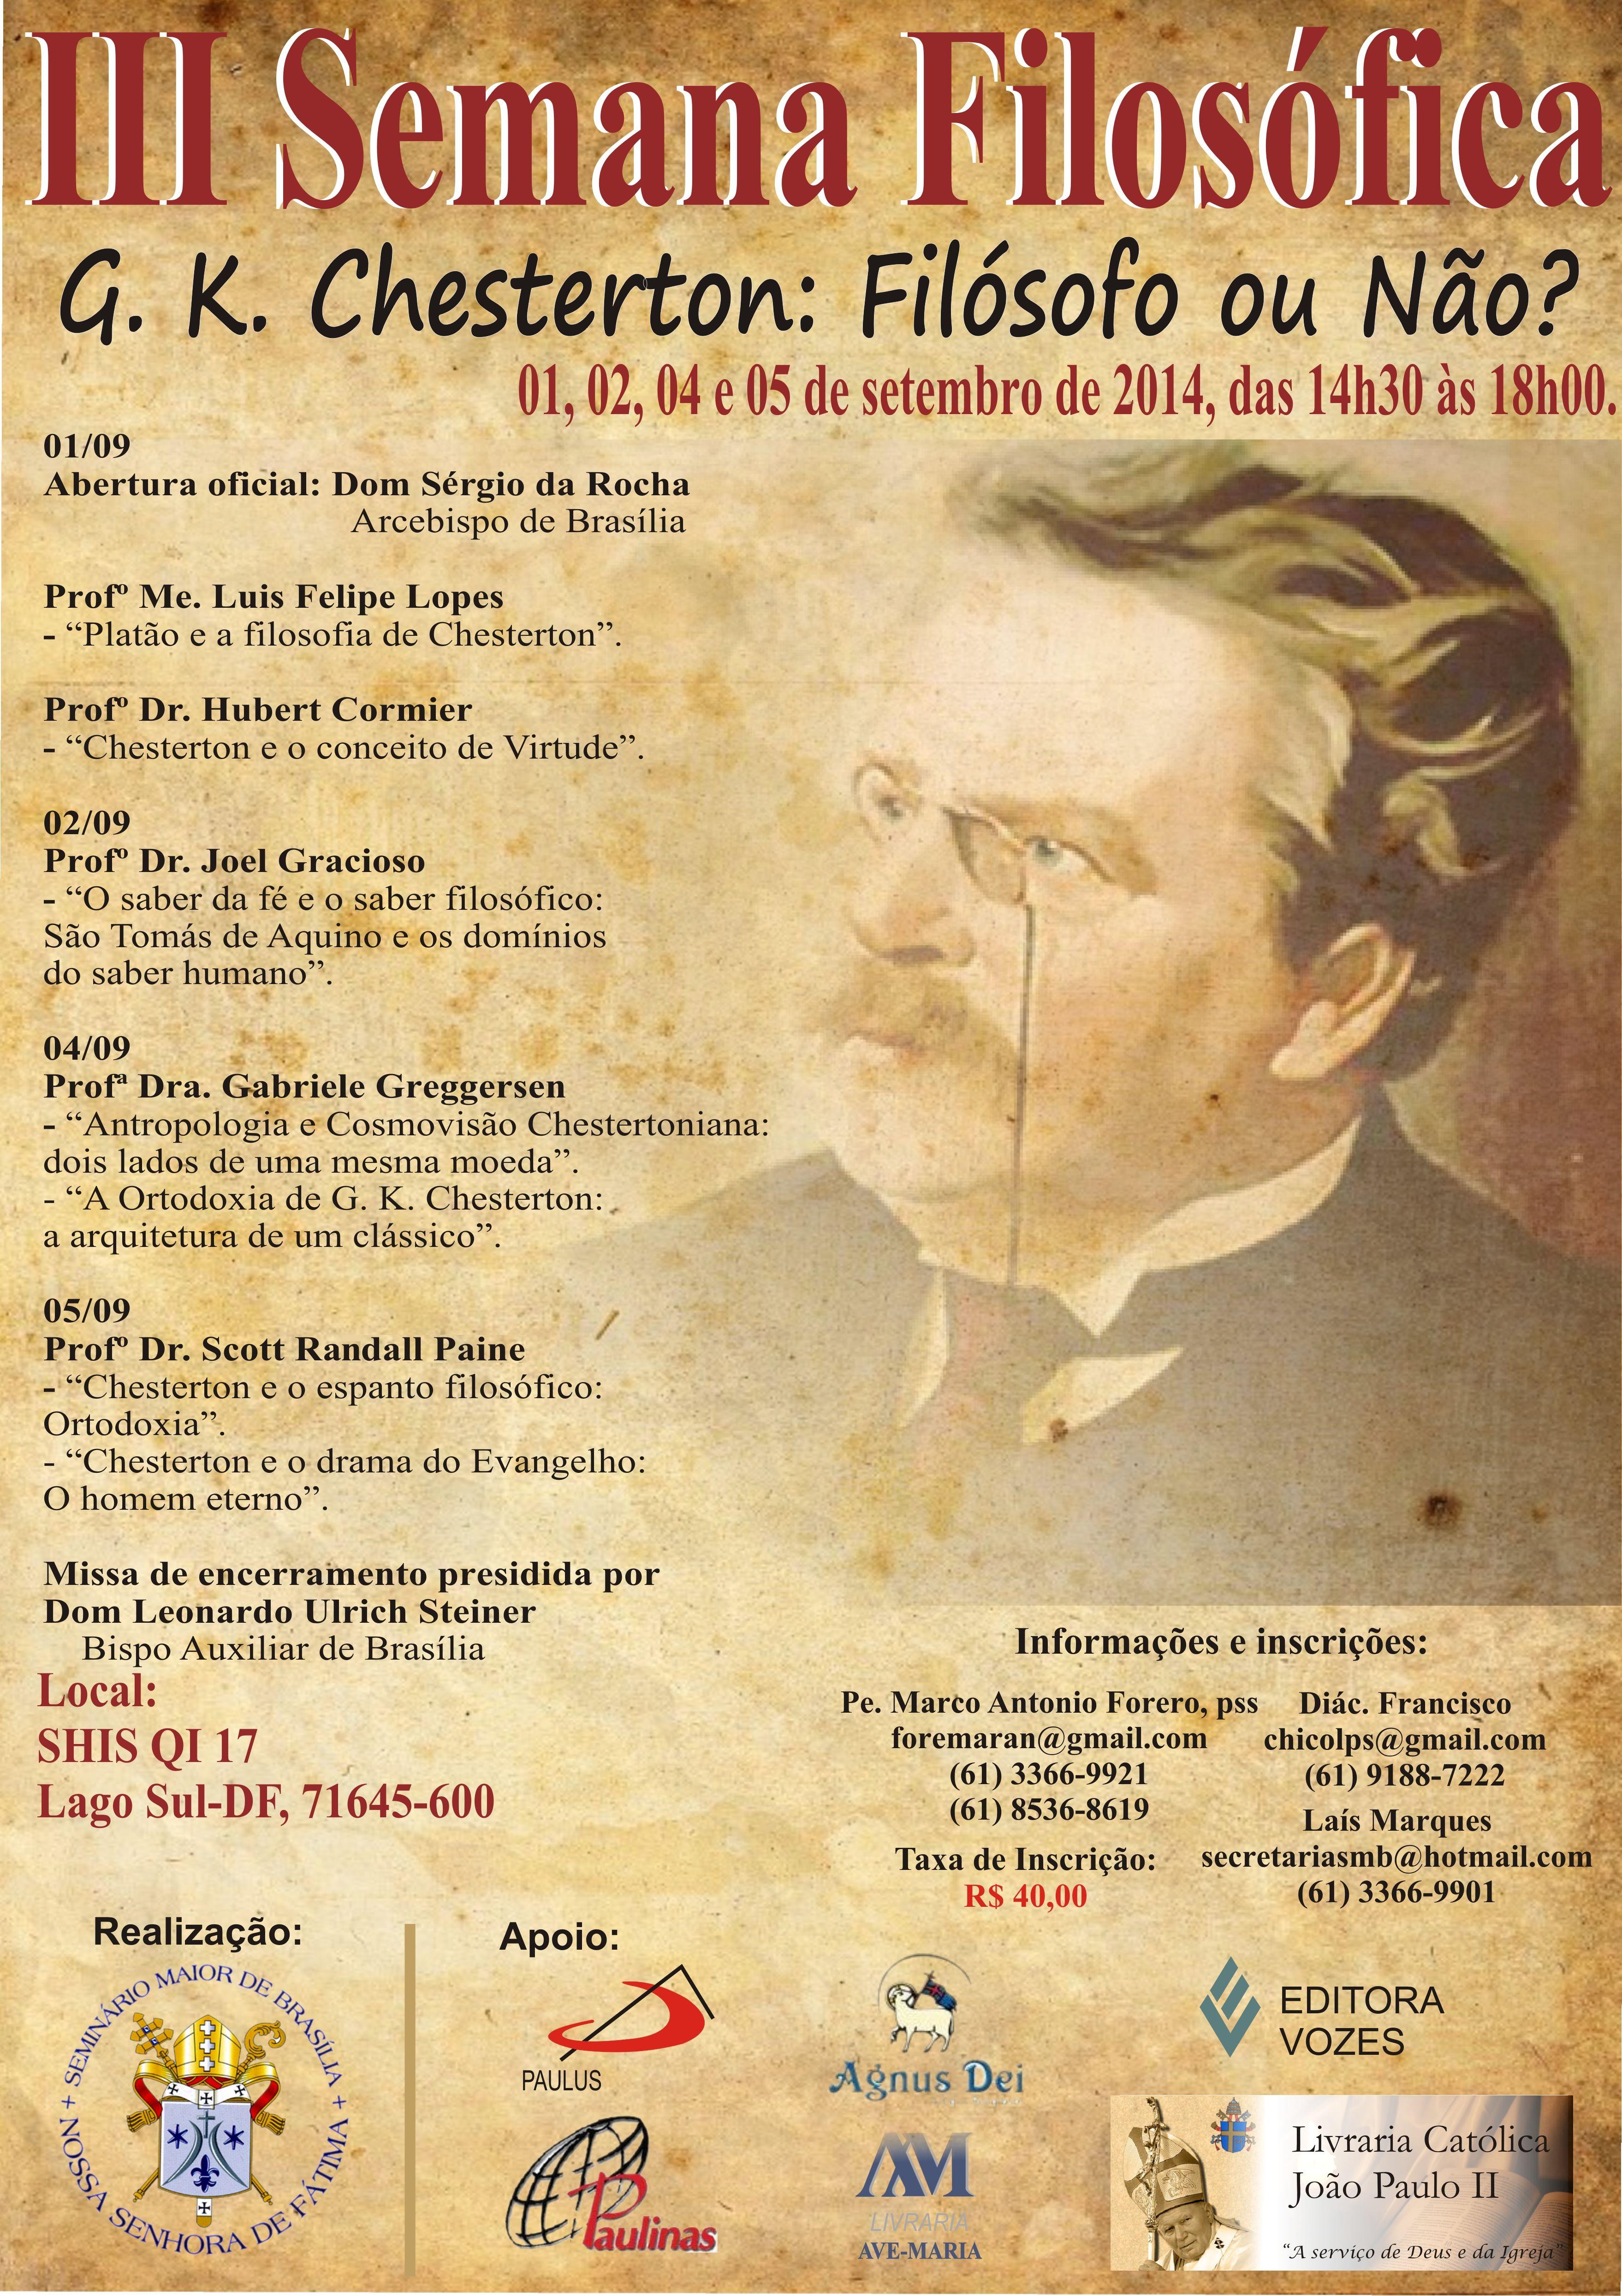 """III Semana Filosófica em Brasília terá como tema """"Chesterton: filósofo ou não?"""""""